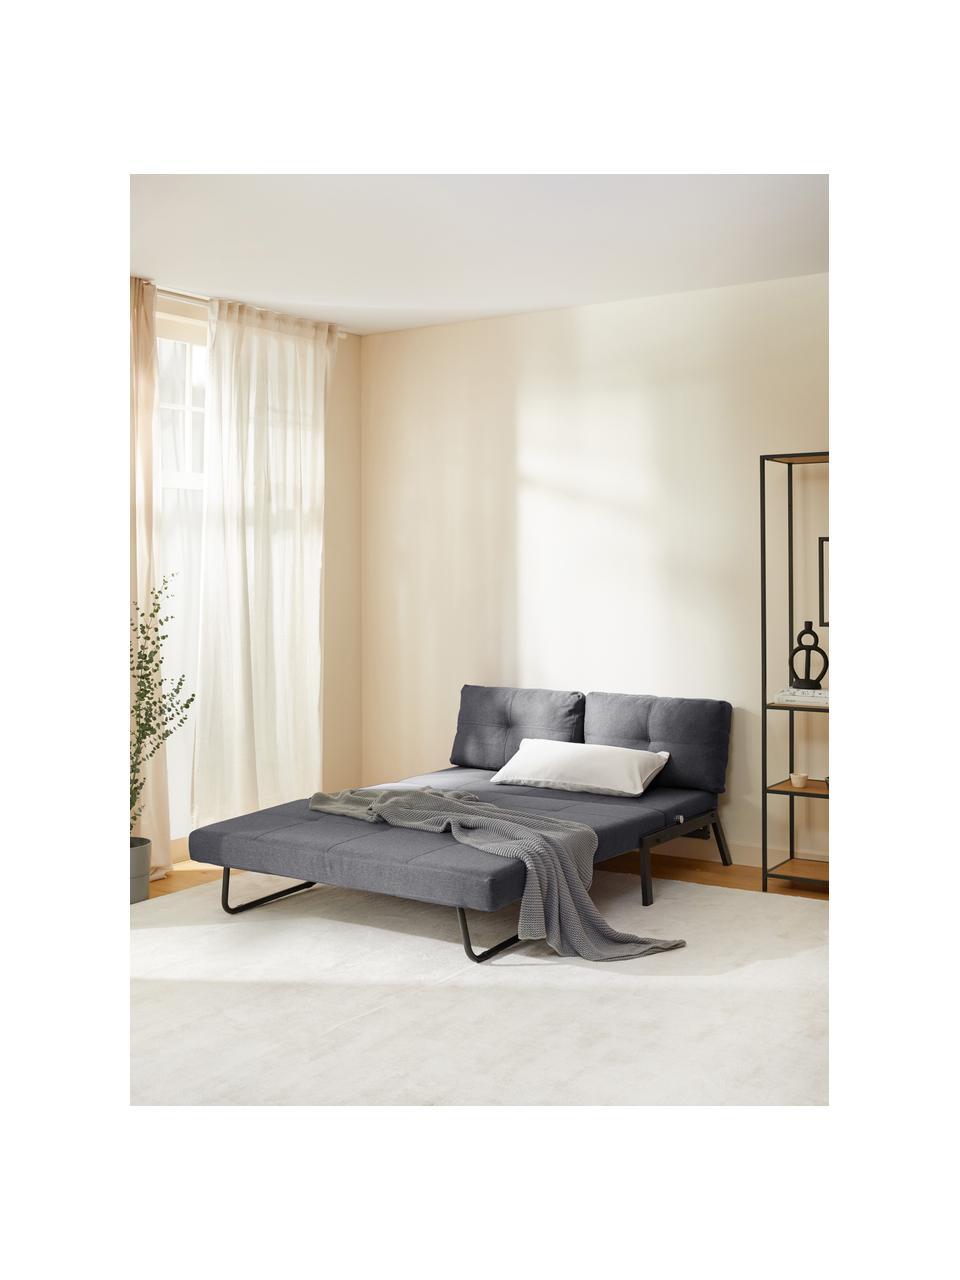 Slaapbank Edward in donkergrijs met metalen poten, uitklapbaar, Bekleding: 100% polyester, Geweven stof donkergrijs, B 152  x D 96 cm